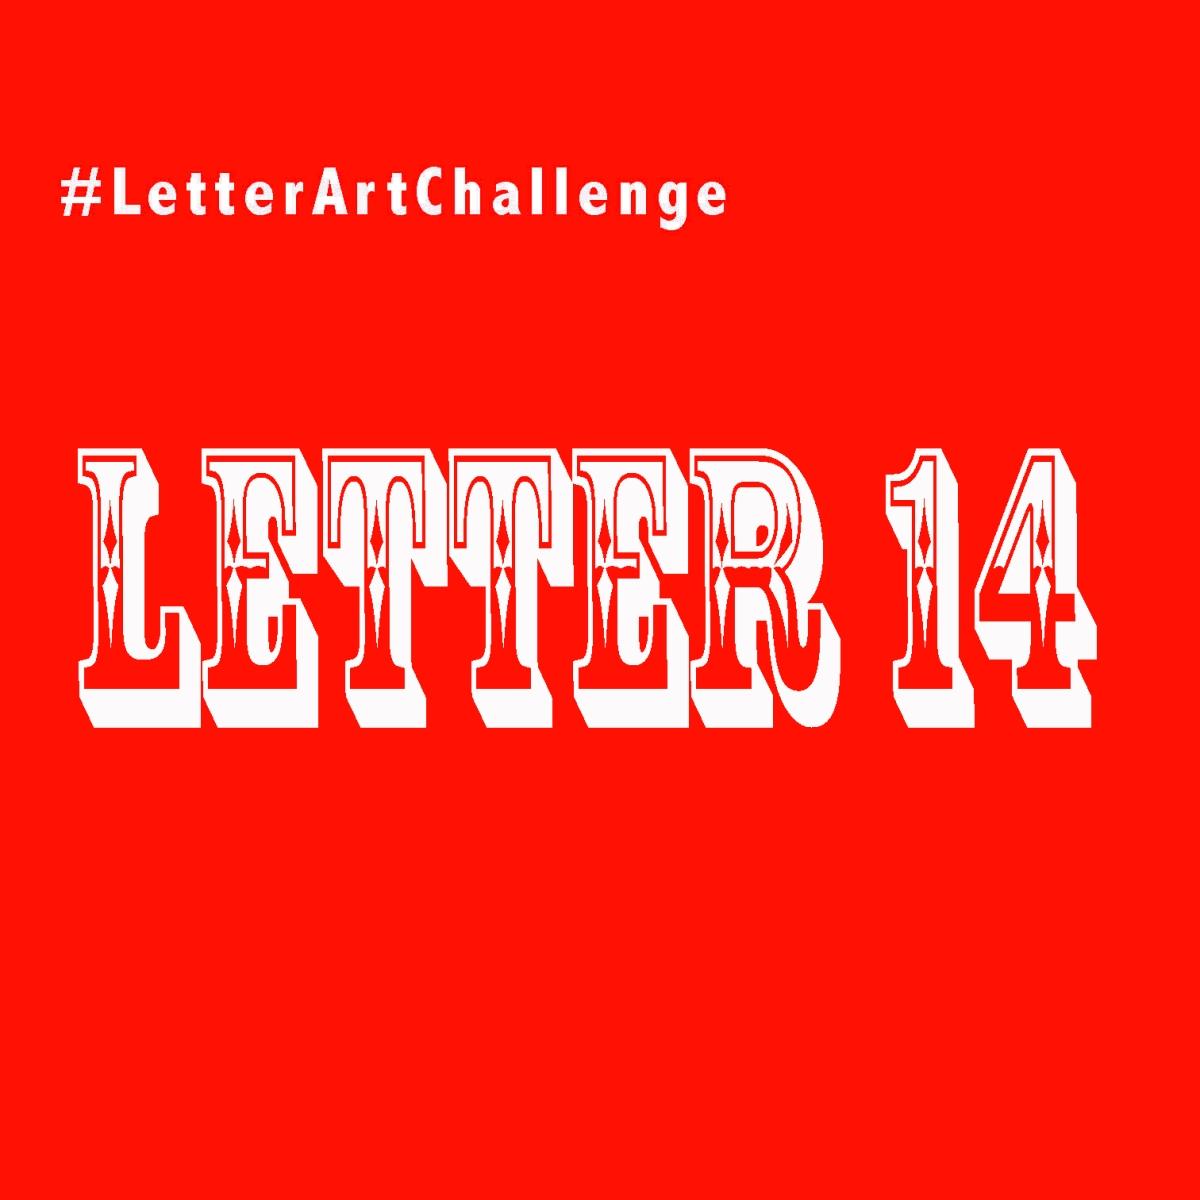 Letter Art Challenge - Letter 14